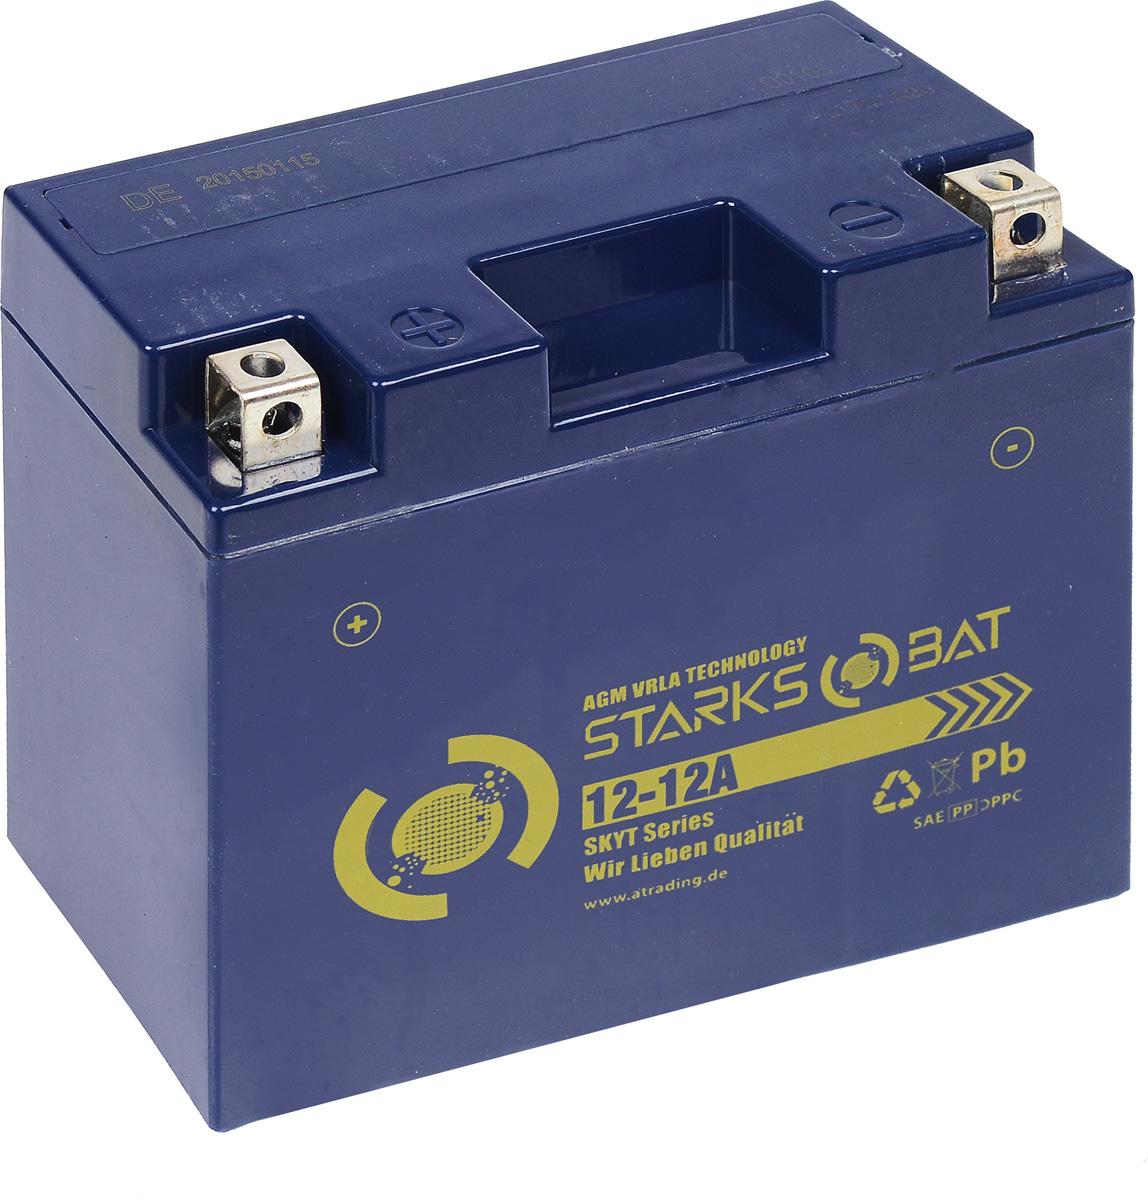 Батарея аккумуляторная для мотоциклов Starksbat. YT 12-12A (YT12B-BS)10503Аккумулятор Starksbat изготовлен по технологии AGM, обеспечивающей повышенный уровень безопасности батареи и удобство ее эксплуатации. Корпус выполнен из особо ударопрочного и морозостойкого полипропилена. Аккумулятор блестяще доказал свои высокие эксплуатационные свойства в самых экстремальных условиях бездорожья, высоких и низких температур.Аккумуляторная батарея Starksbat производится под знаменитым немецким контролем качества, что обеспечивает ему высокие пусковые характеристики и восстановление емкости даже после глубокого разряда.Напряжение: 12 В.Емкость: 12 Ач.Полярность: прямая (+ -).Ток холодной прокрутки: 155 Аh (EN).